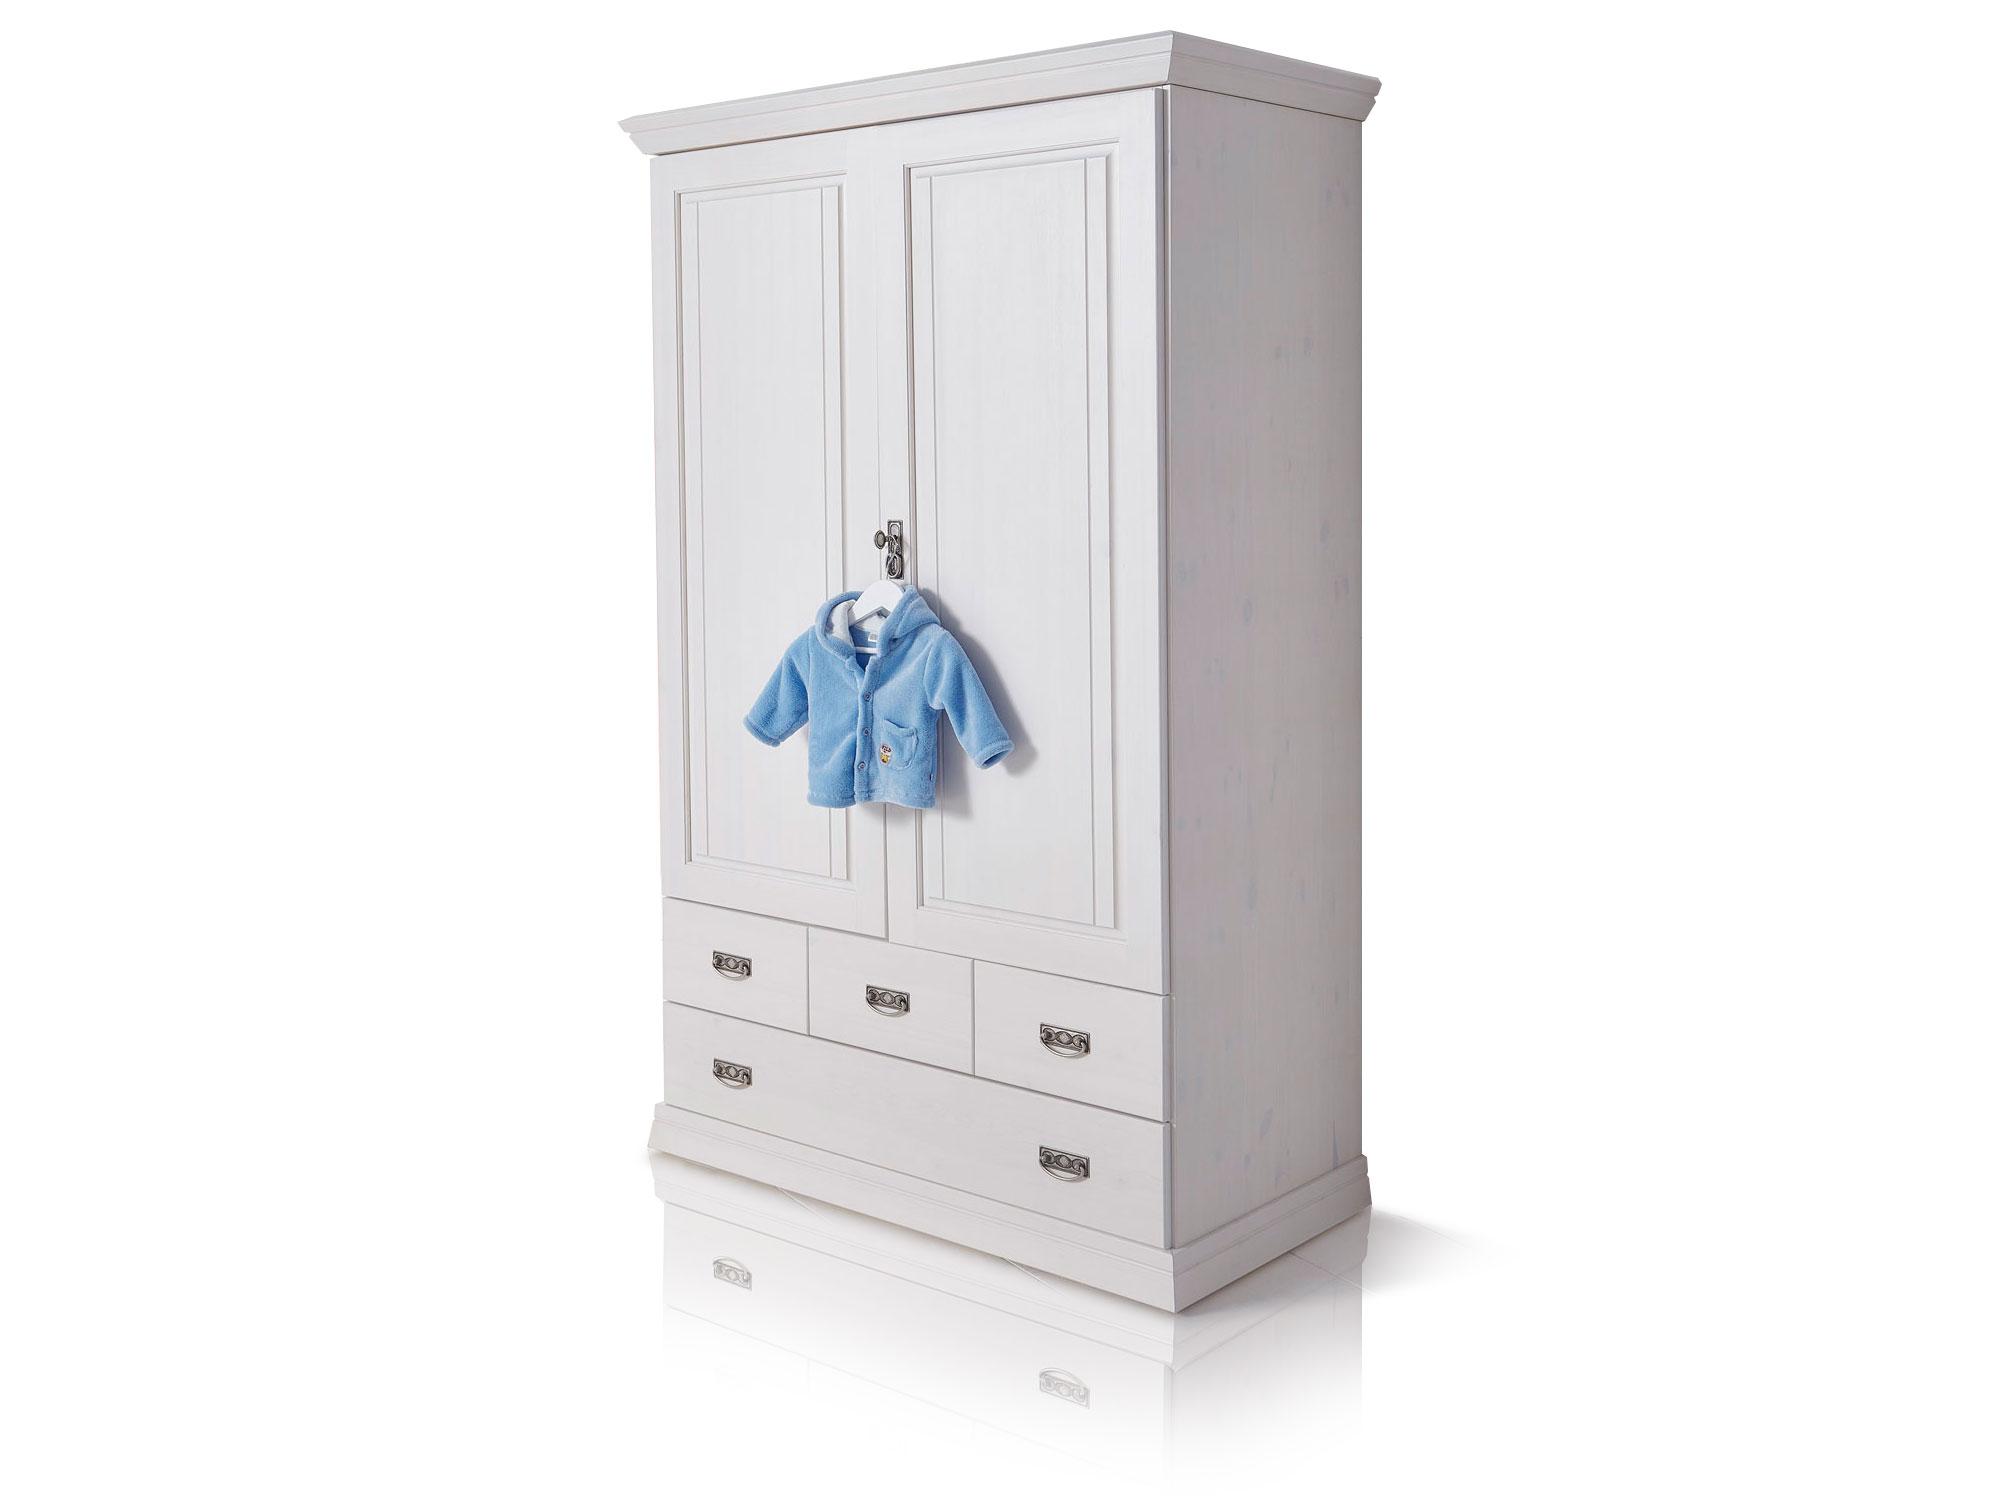 odette w scheschrank 2trg massiv wei gewachst. Black Bedroom Furniture Sets. Home Design Ideas